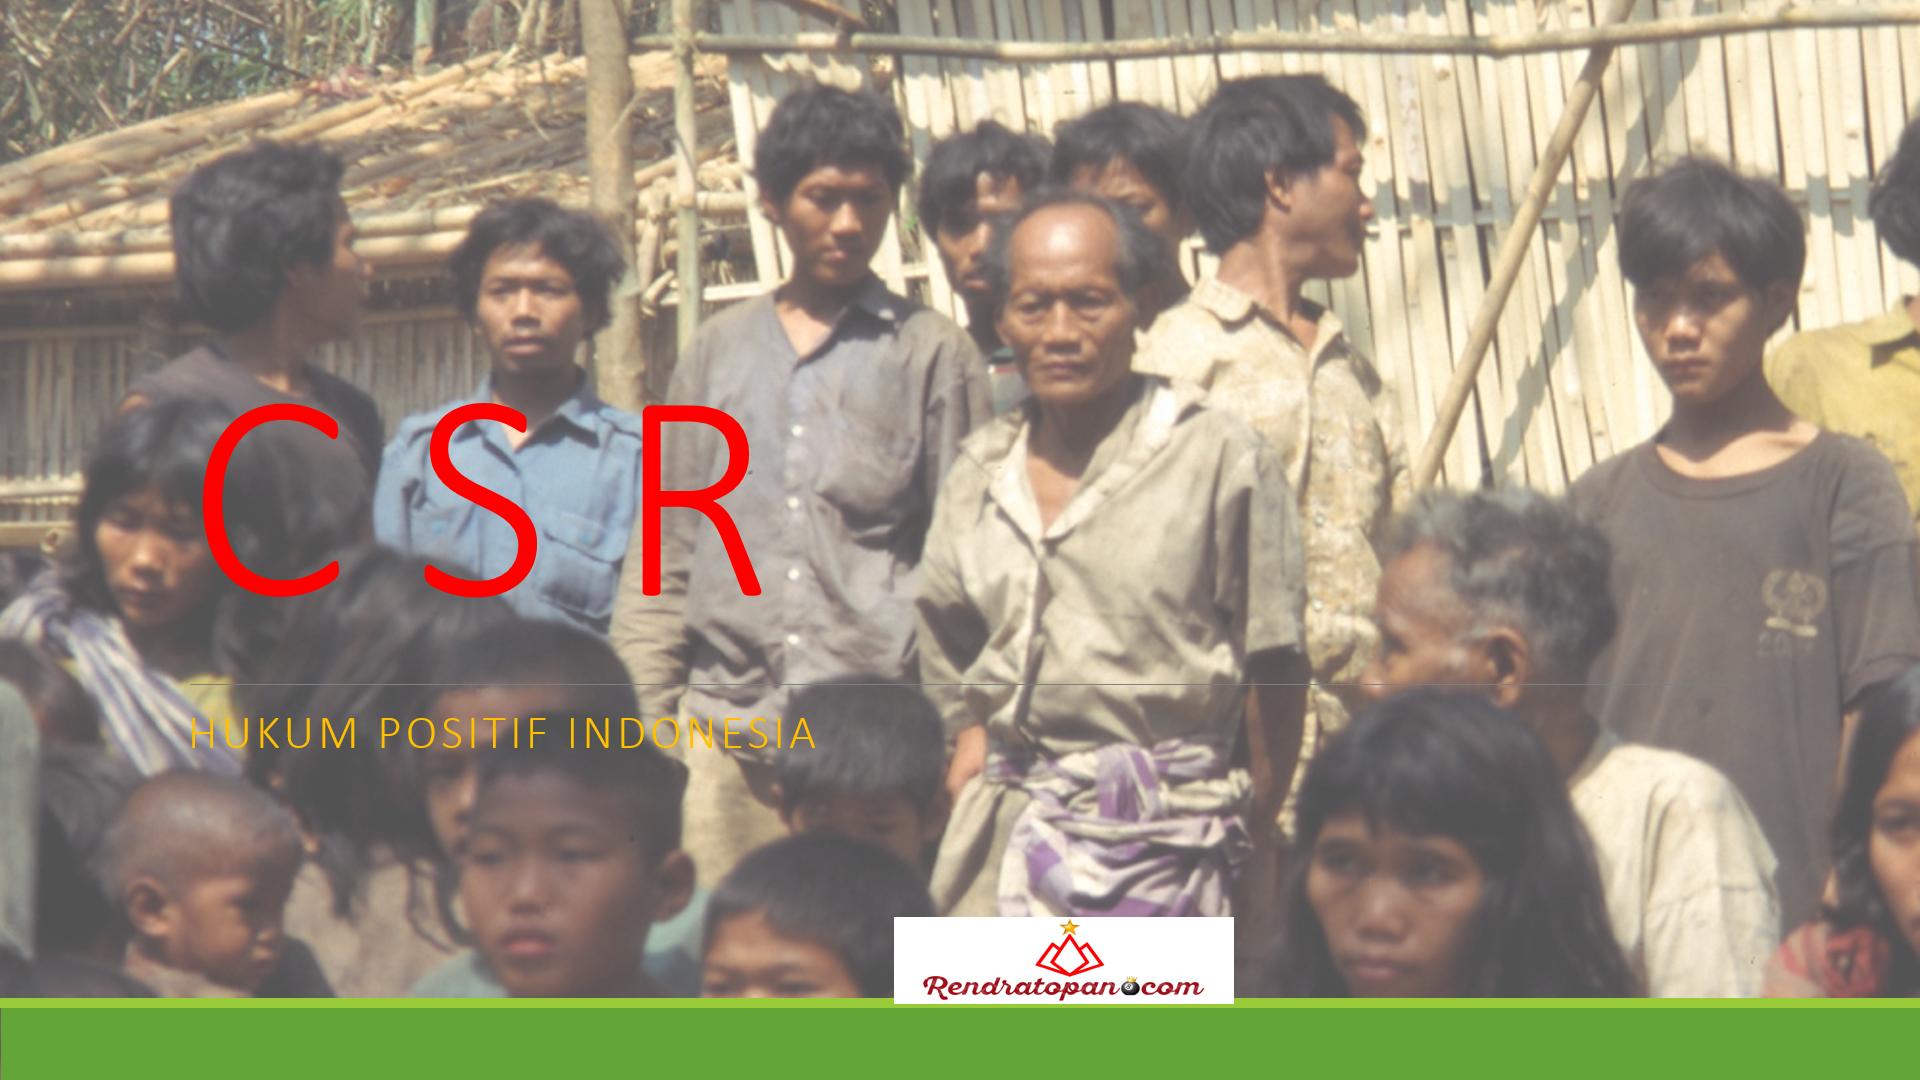 Tanggung Jawab Sosial dan Lingkungan Oleh Perusahaan